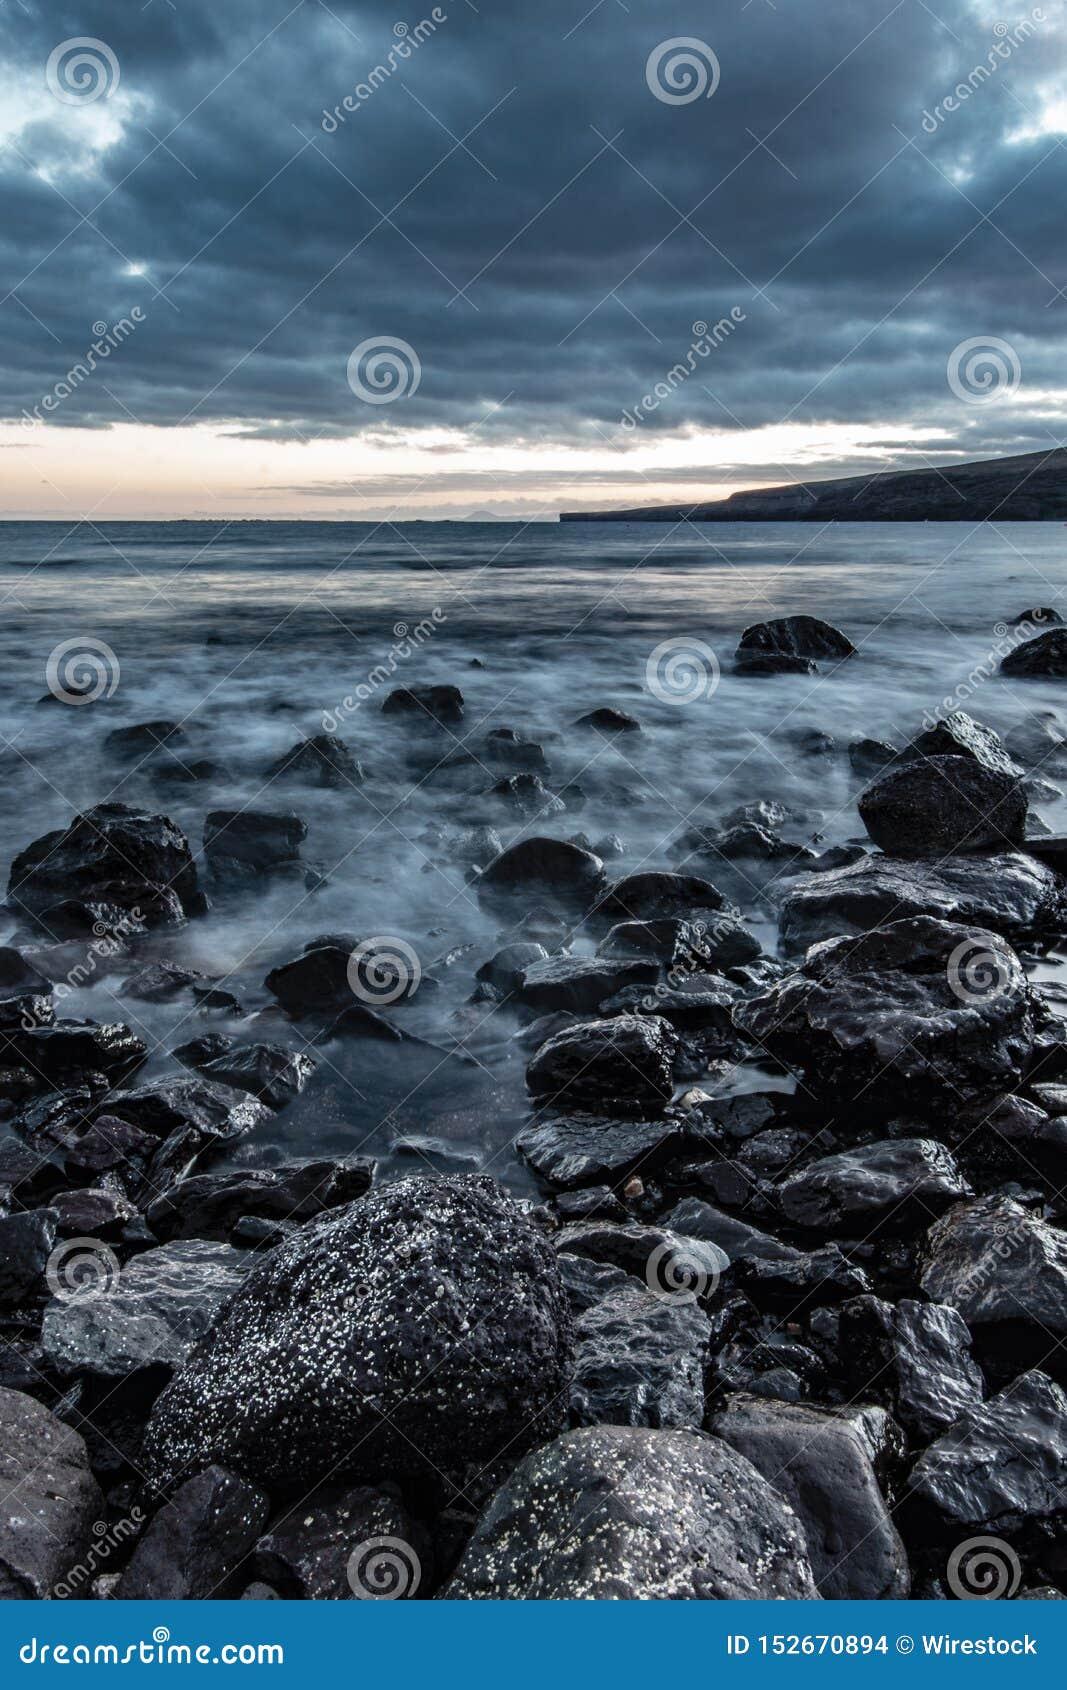 Красивая съемка скалистого побережья моря с изумляя текстурой воды и захватывающим пасмурным серым небом